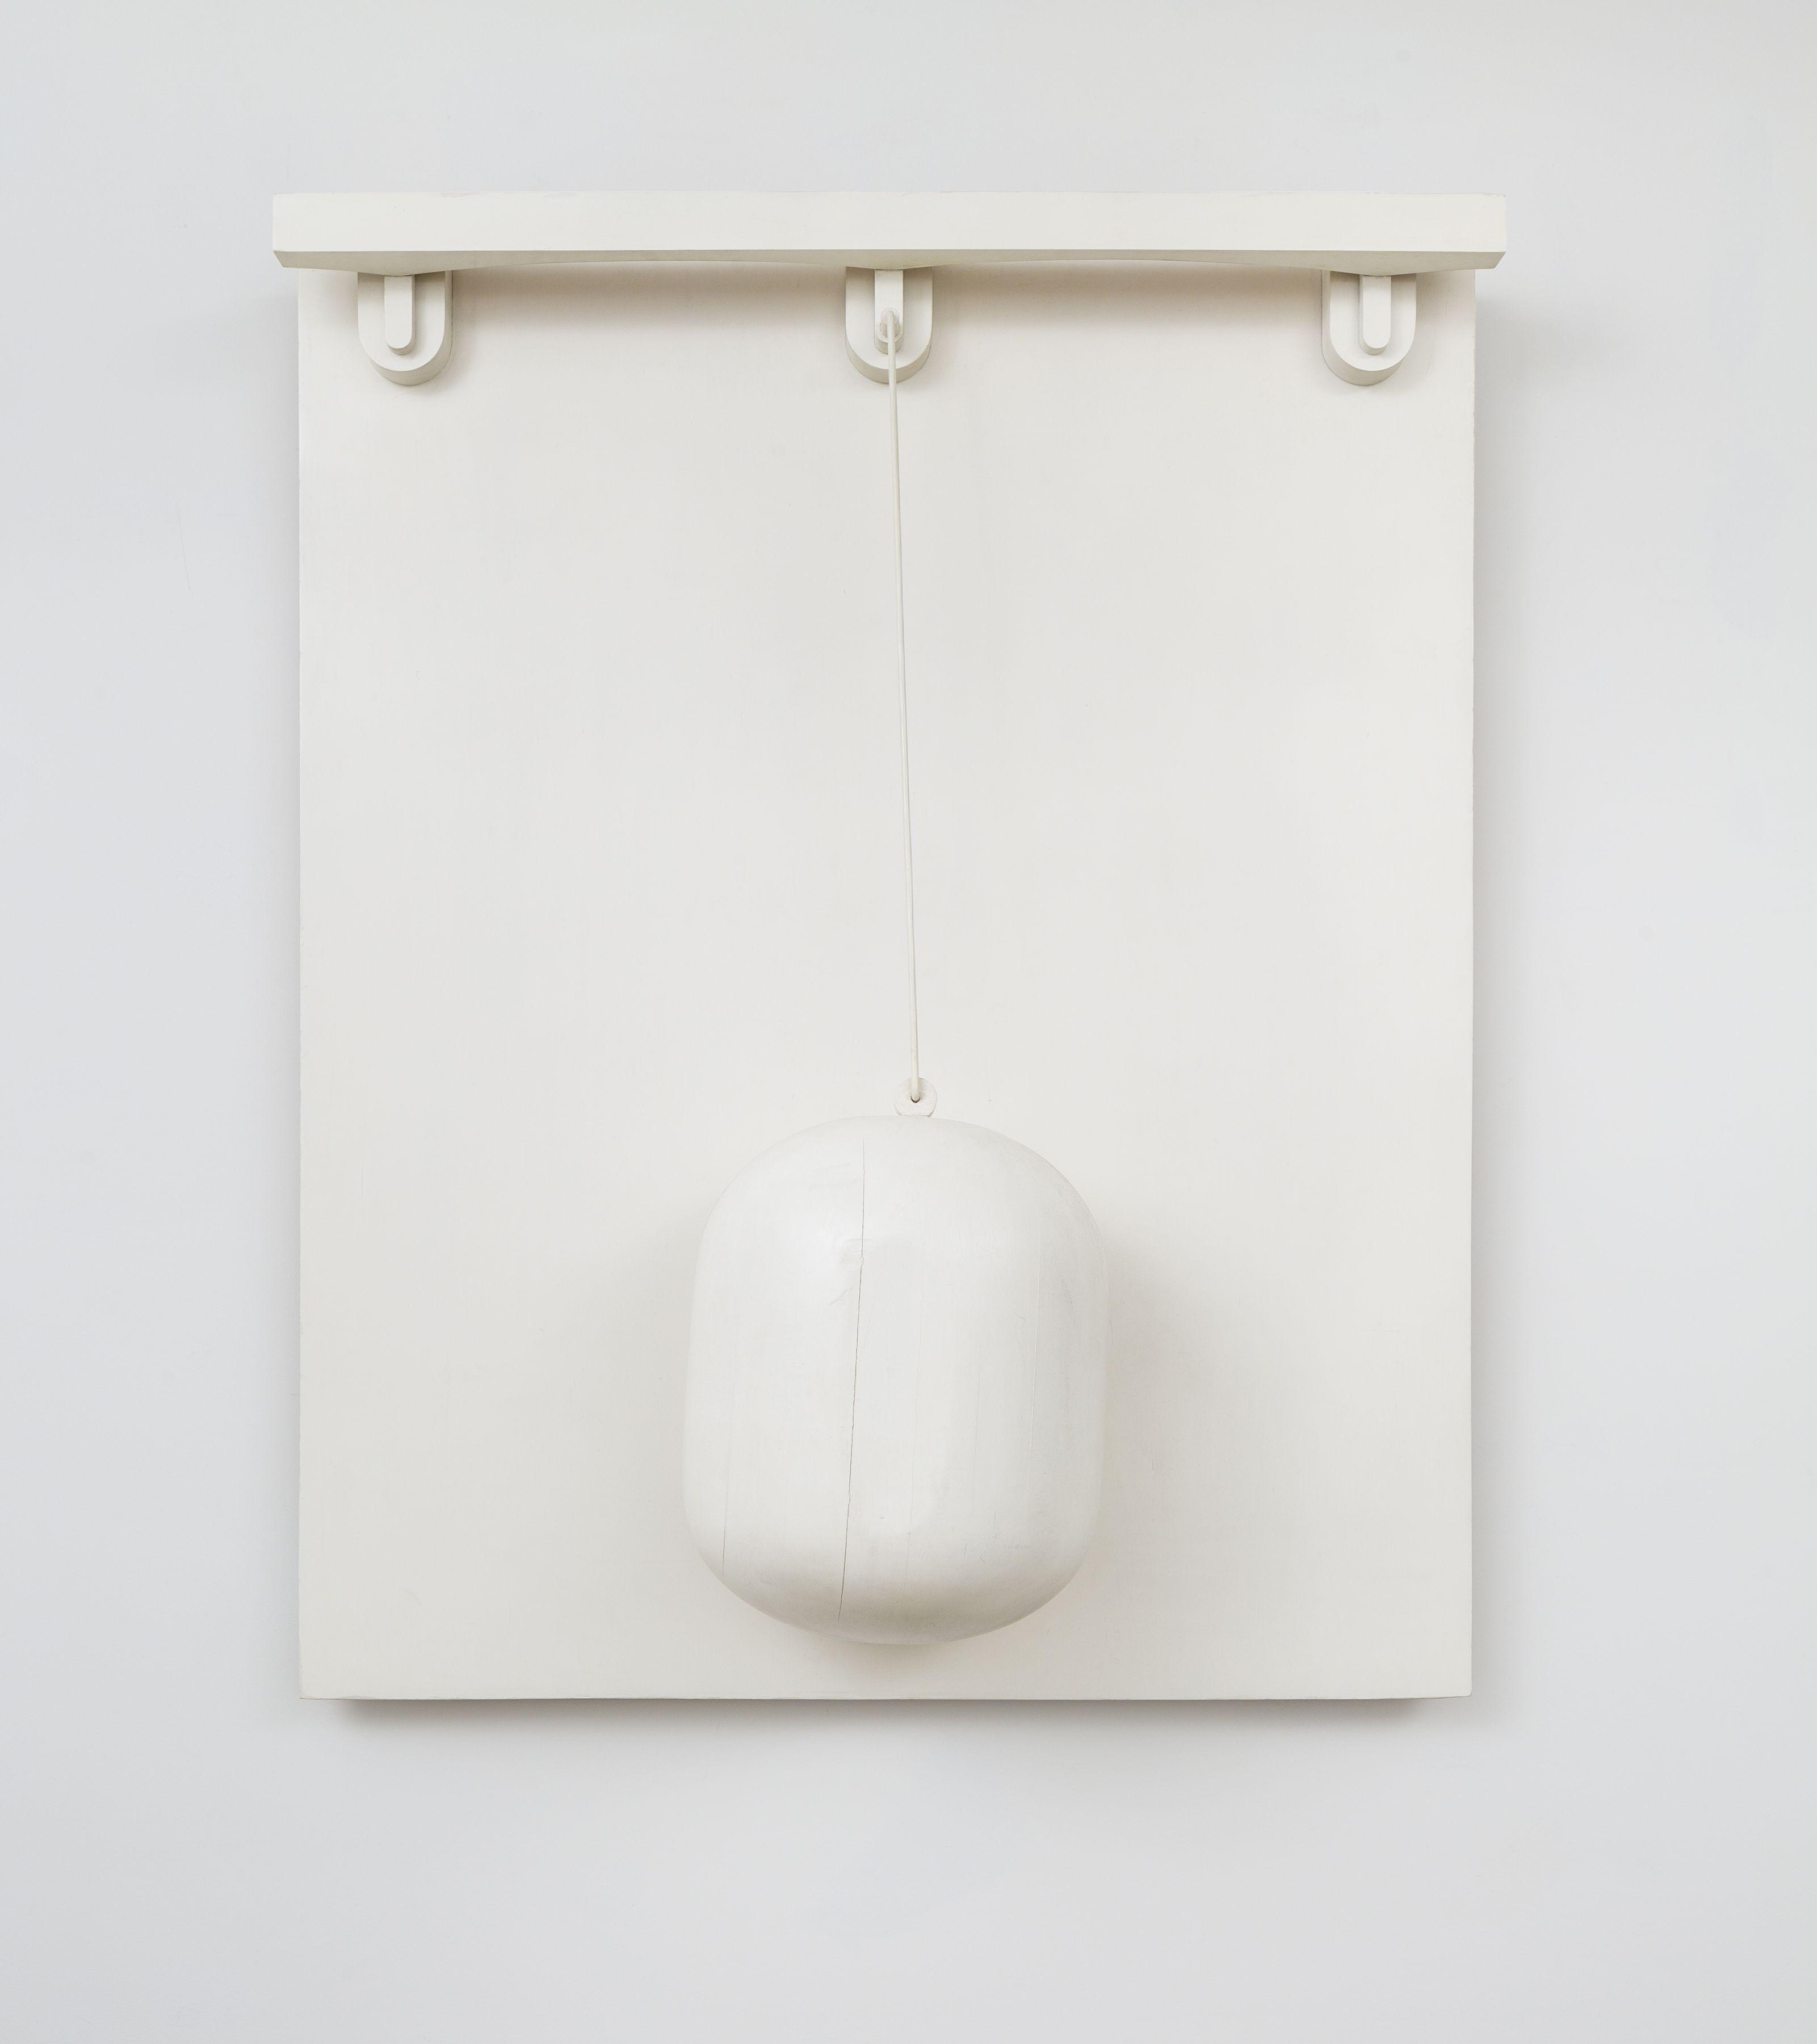 Claes Oldenburg, Model, Colossal Monument: Thames Ball